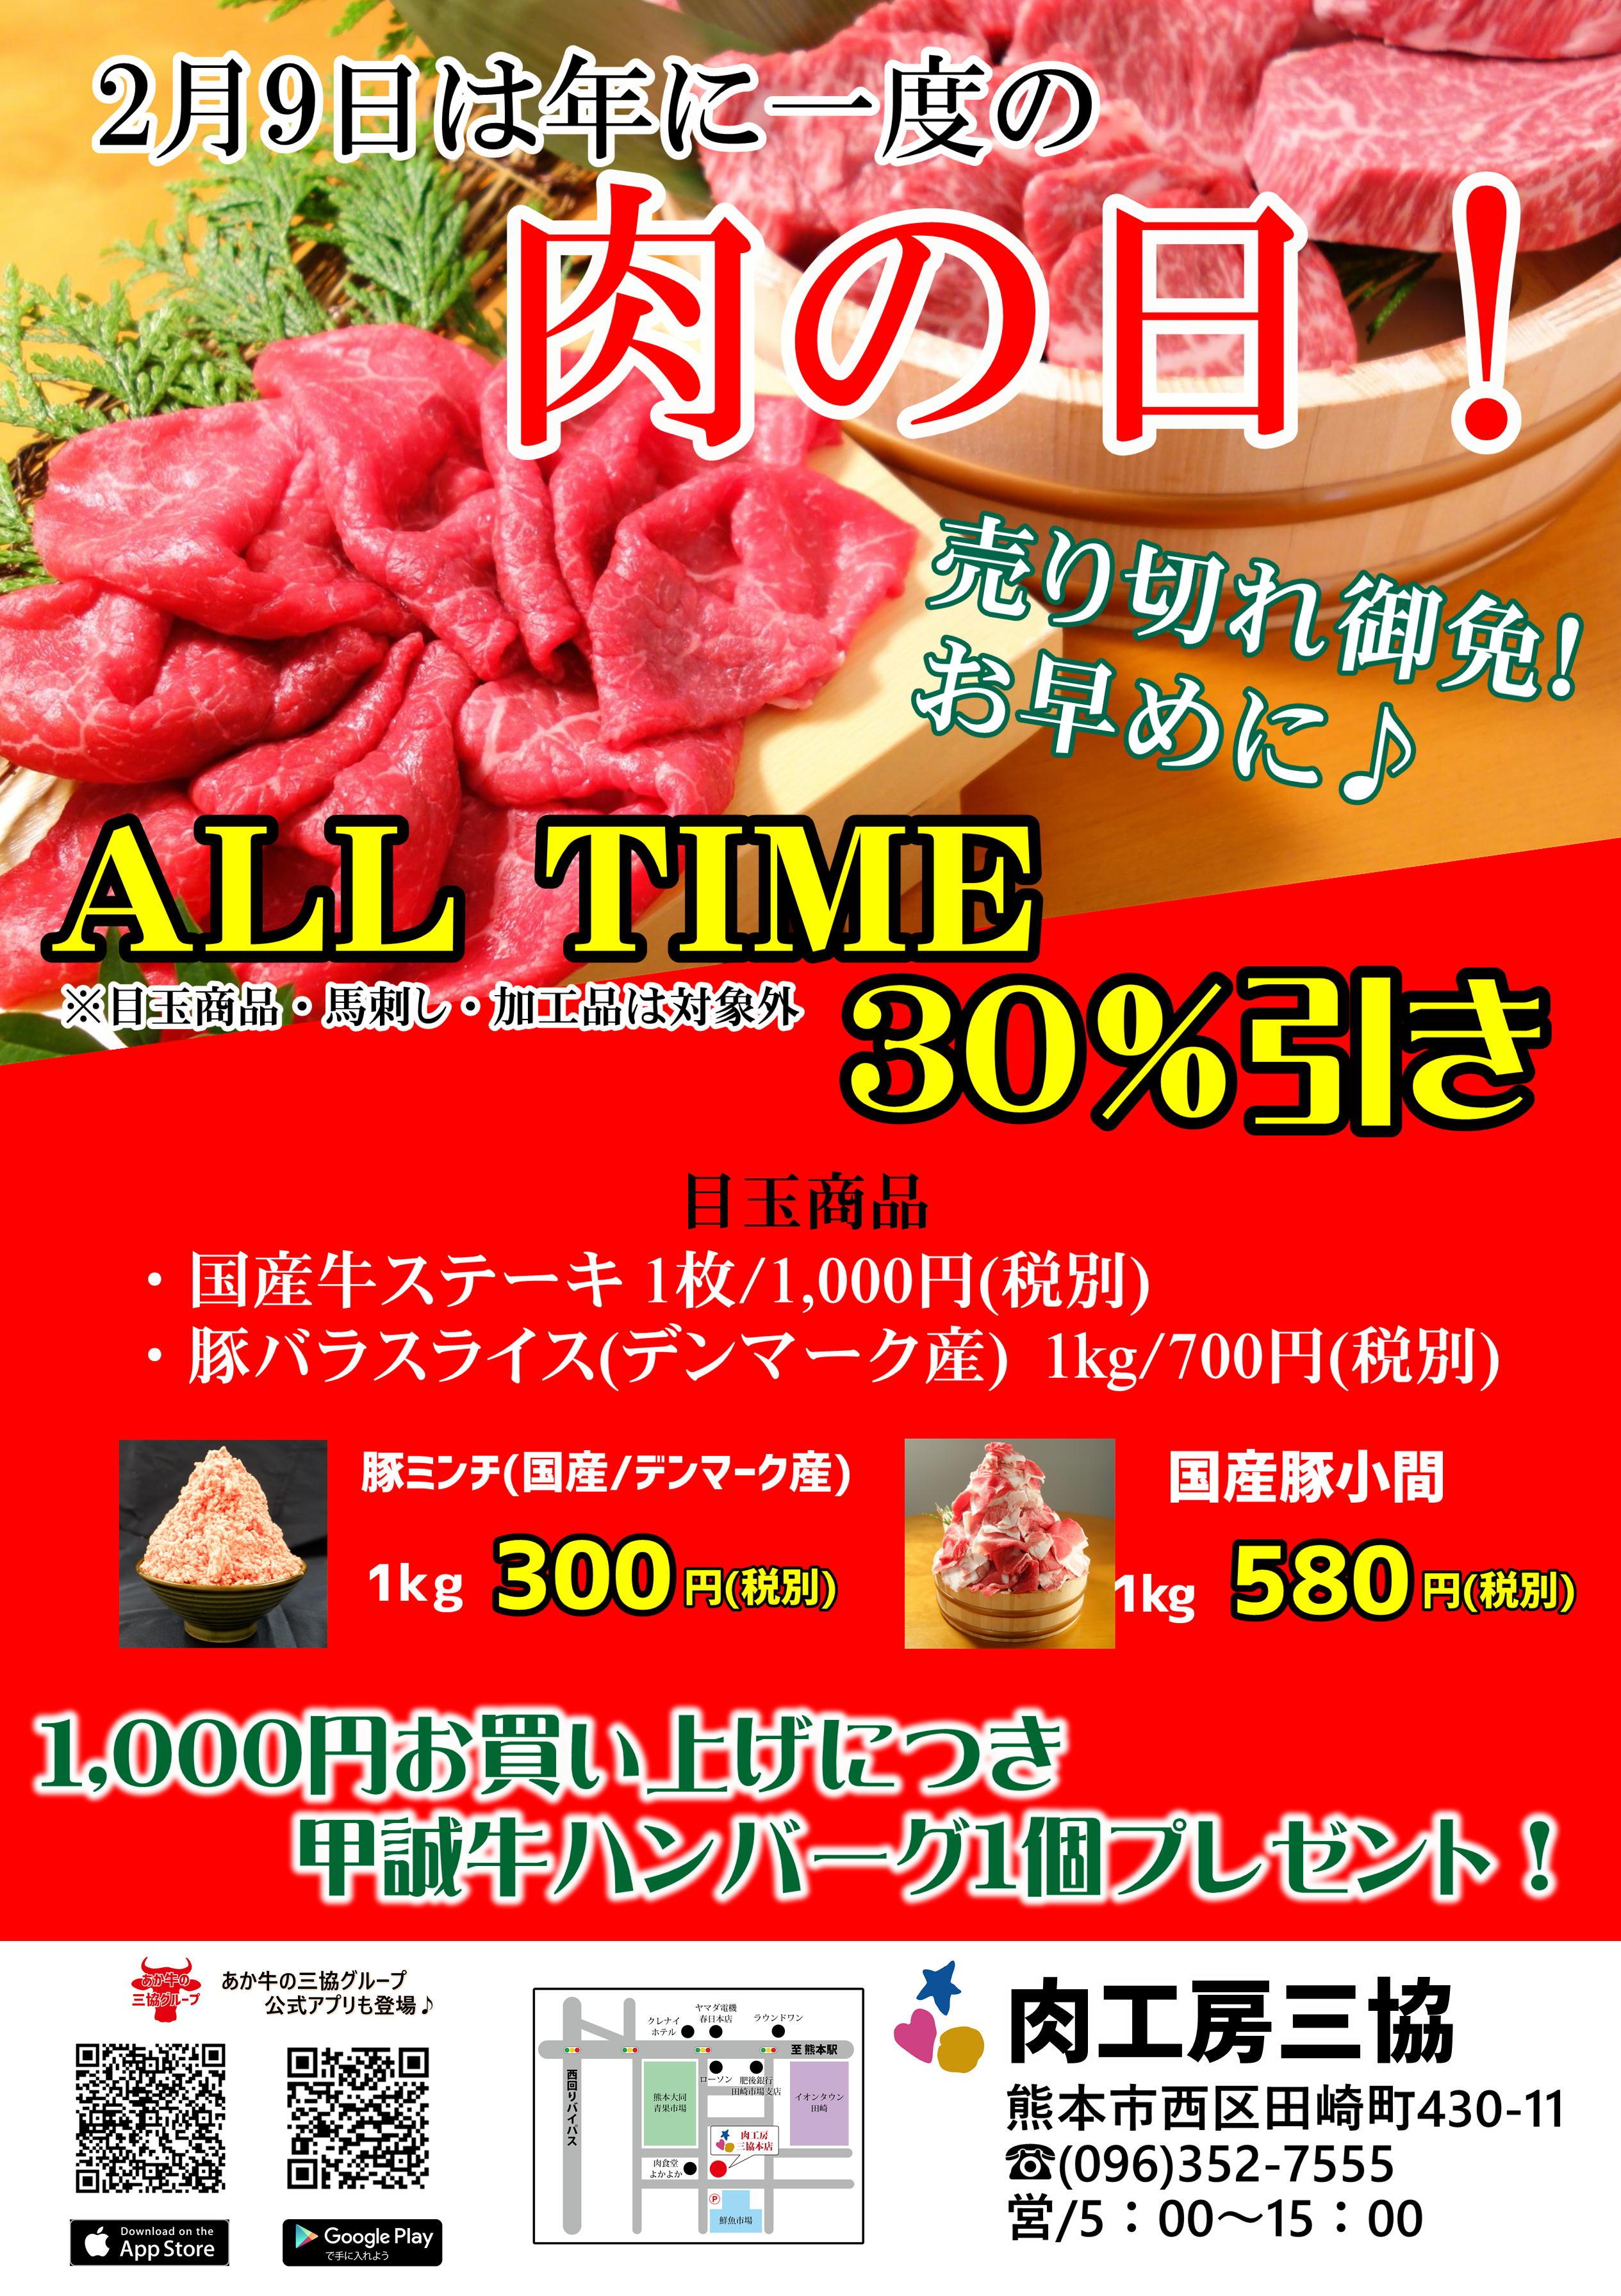 2019年2月肉の日本店